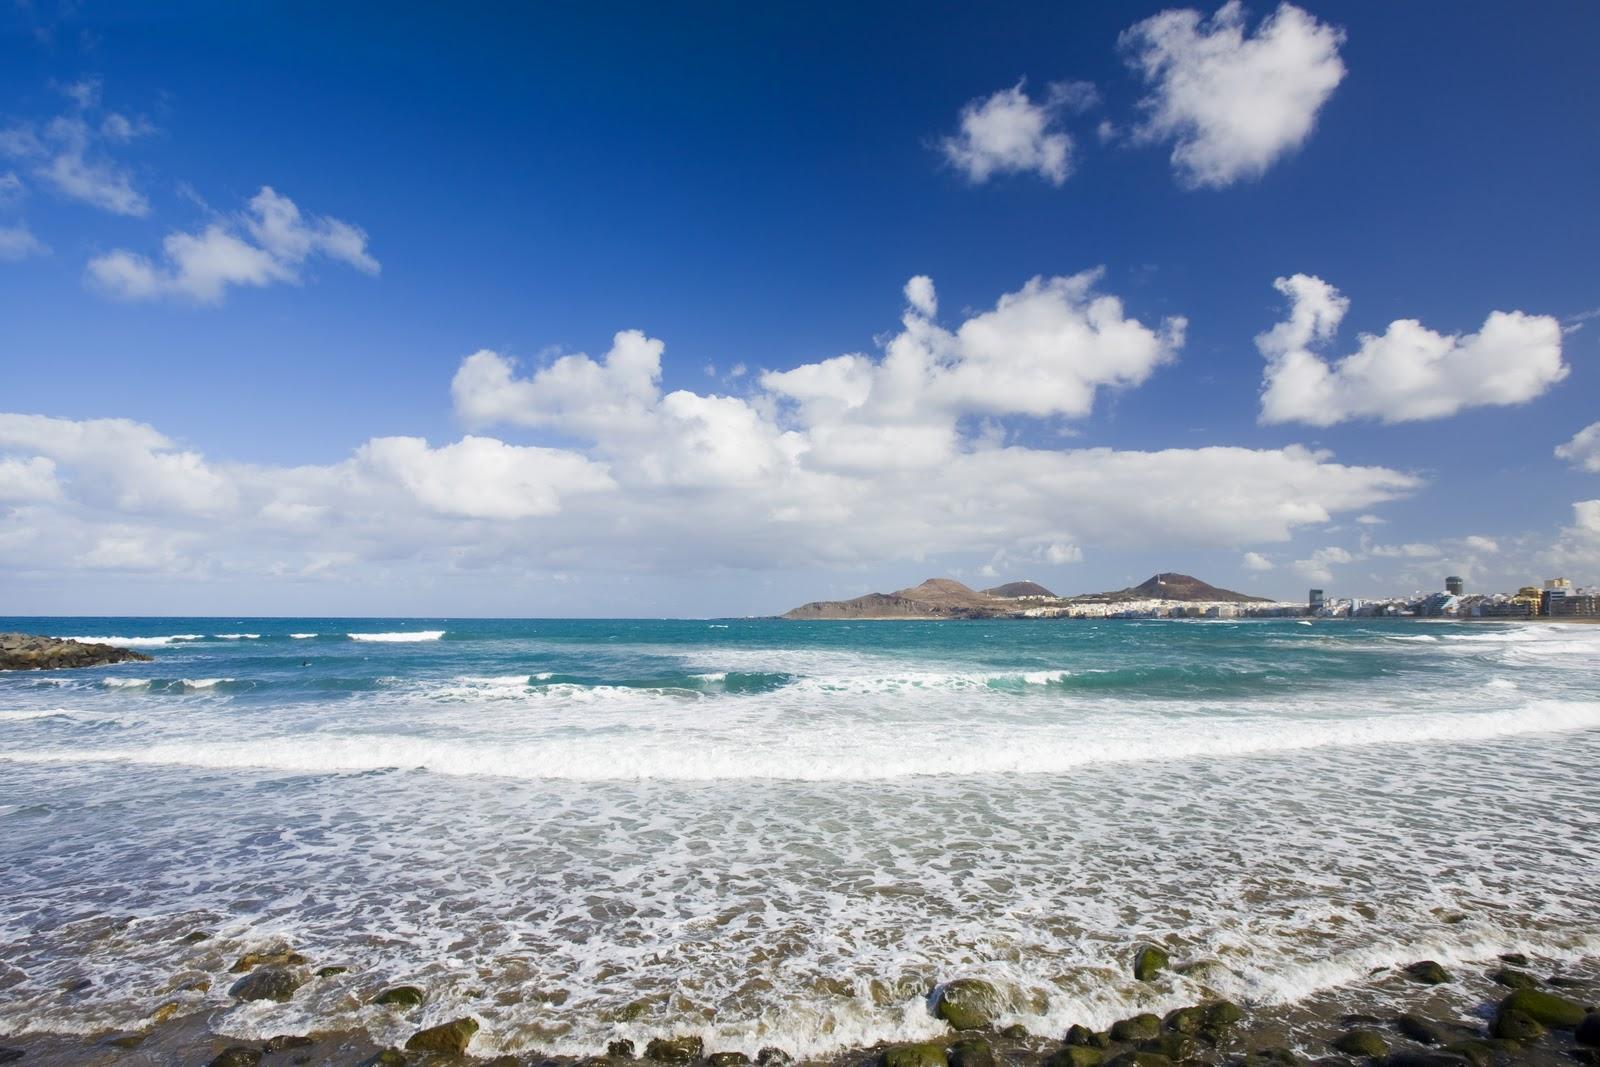 Spagna: dalle Baleari alla Galizia, ecco le spiagge al top